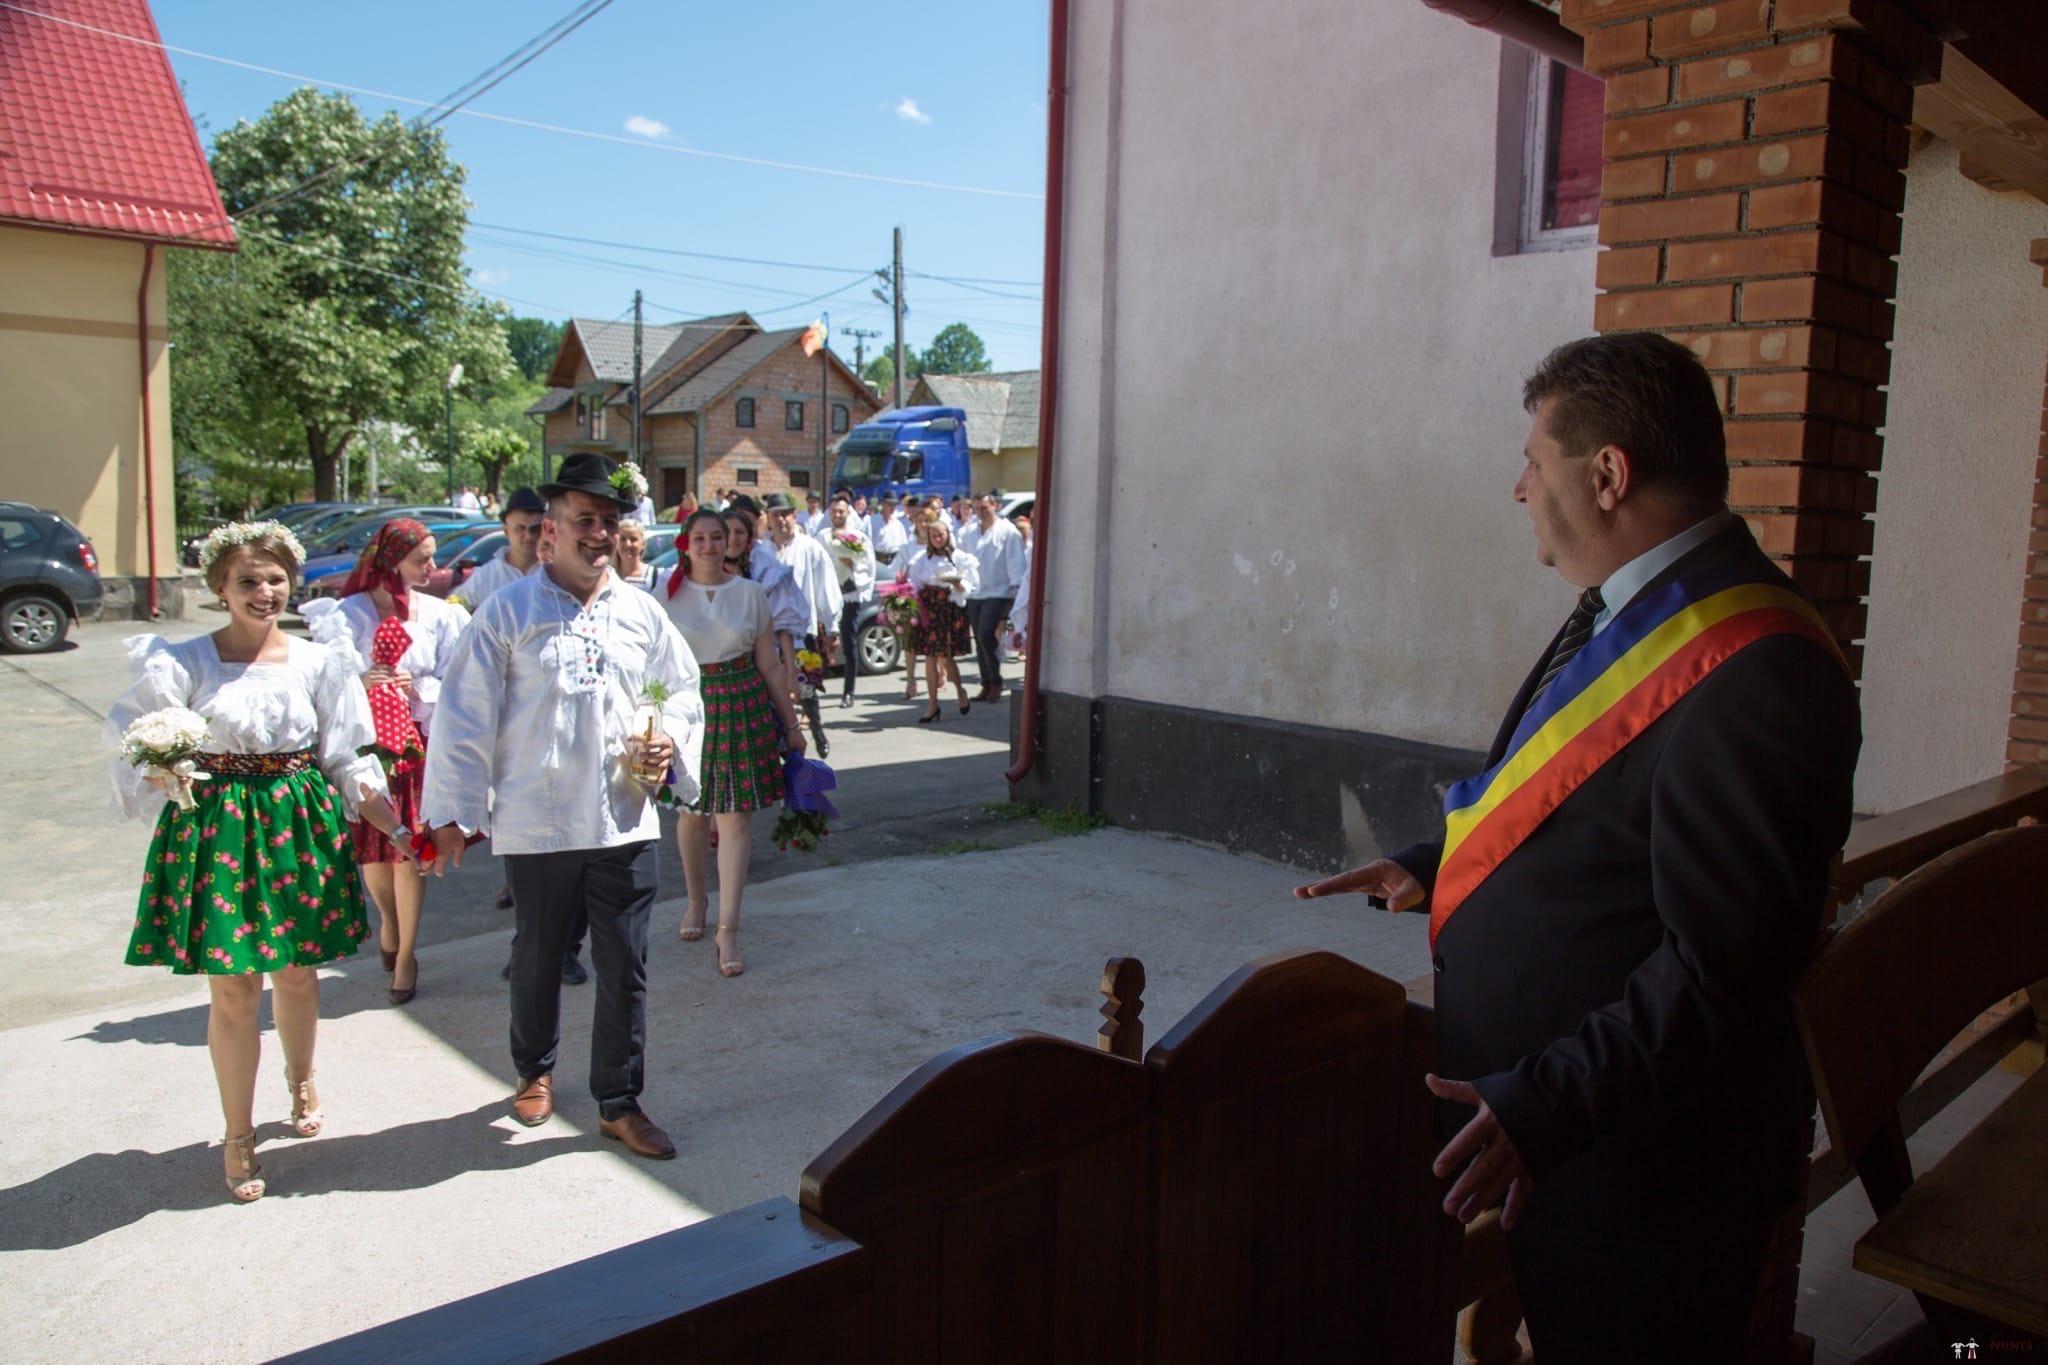 Povești Nunți Tradiționale - Ancuța și Nicu, cununie tradițională în Giulești, Maramureș 18